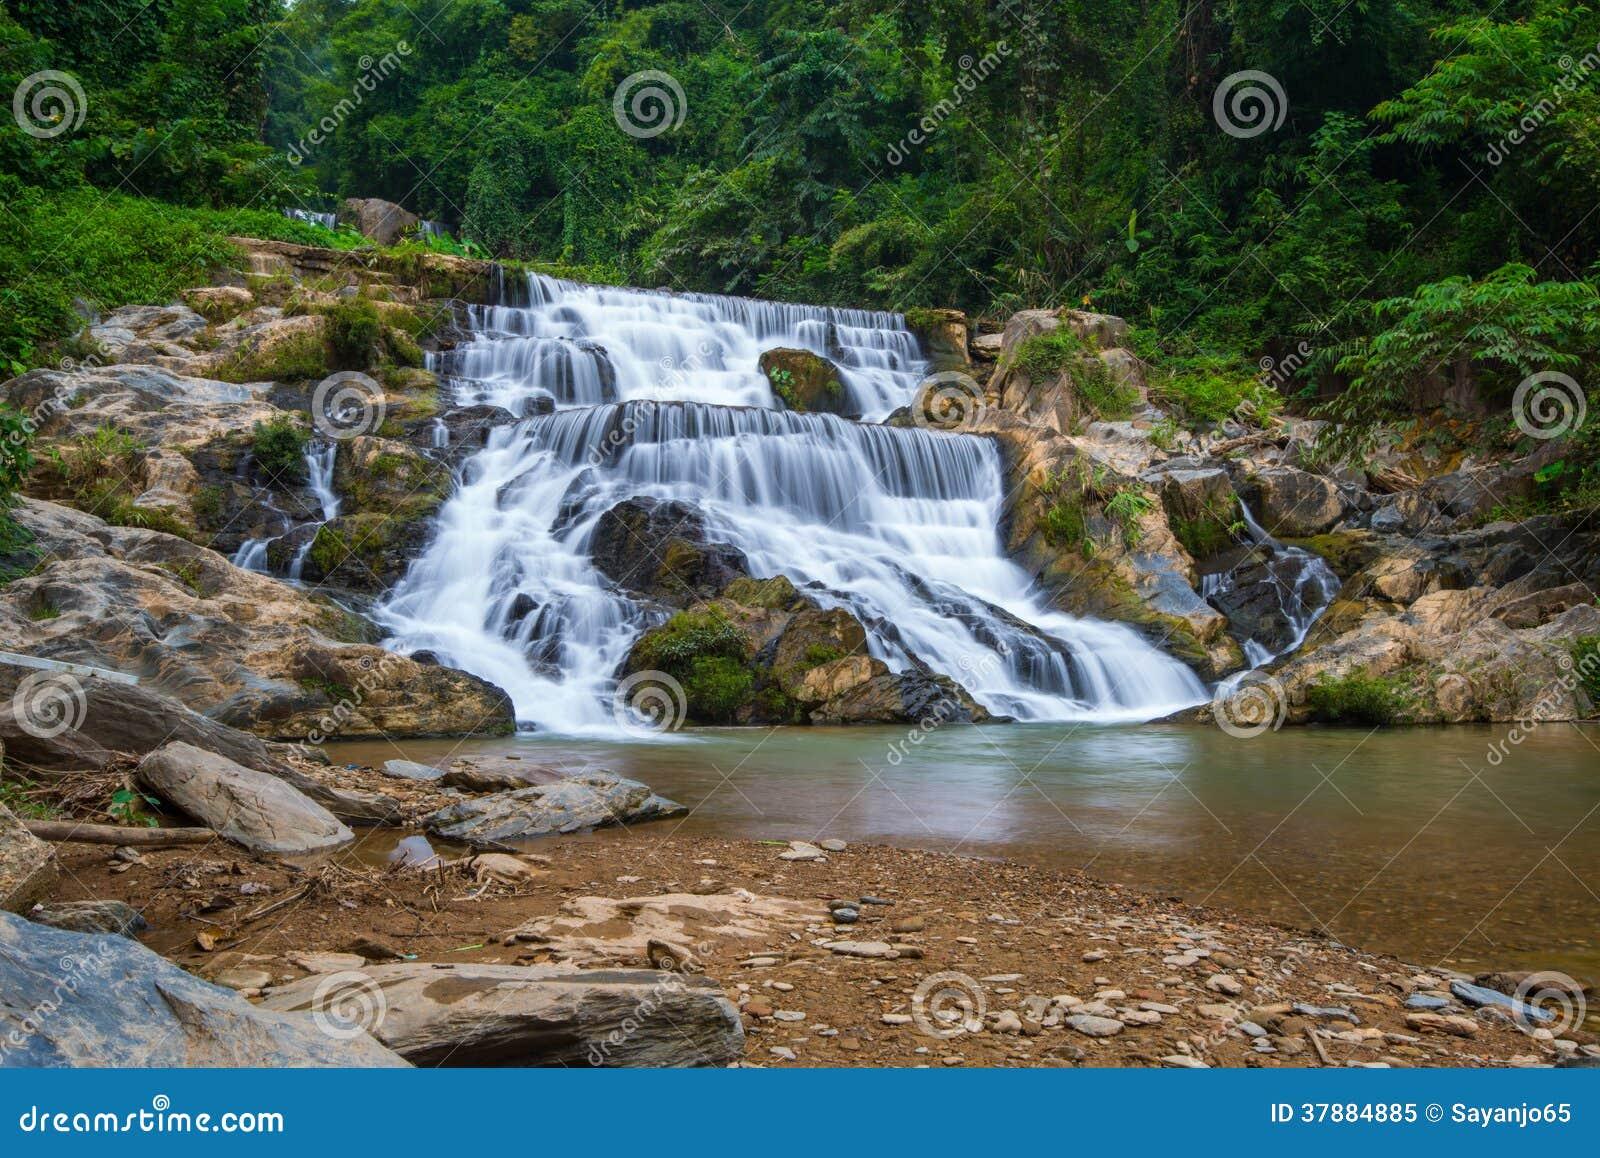 Waterdaling in diepe regenwoudwildernis die wordt gevestigd